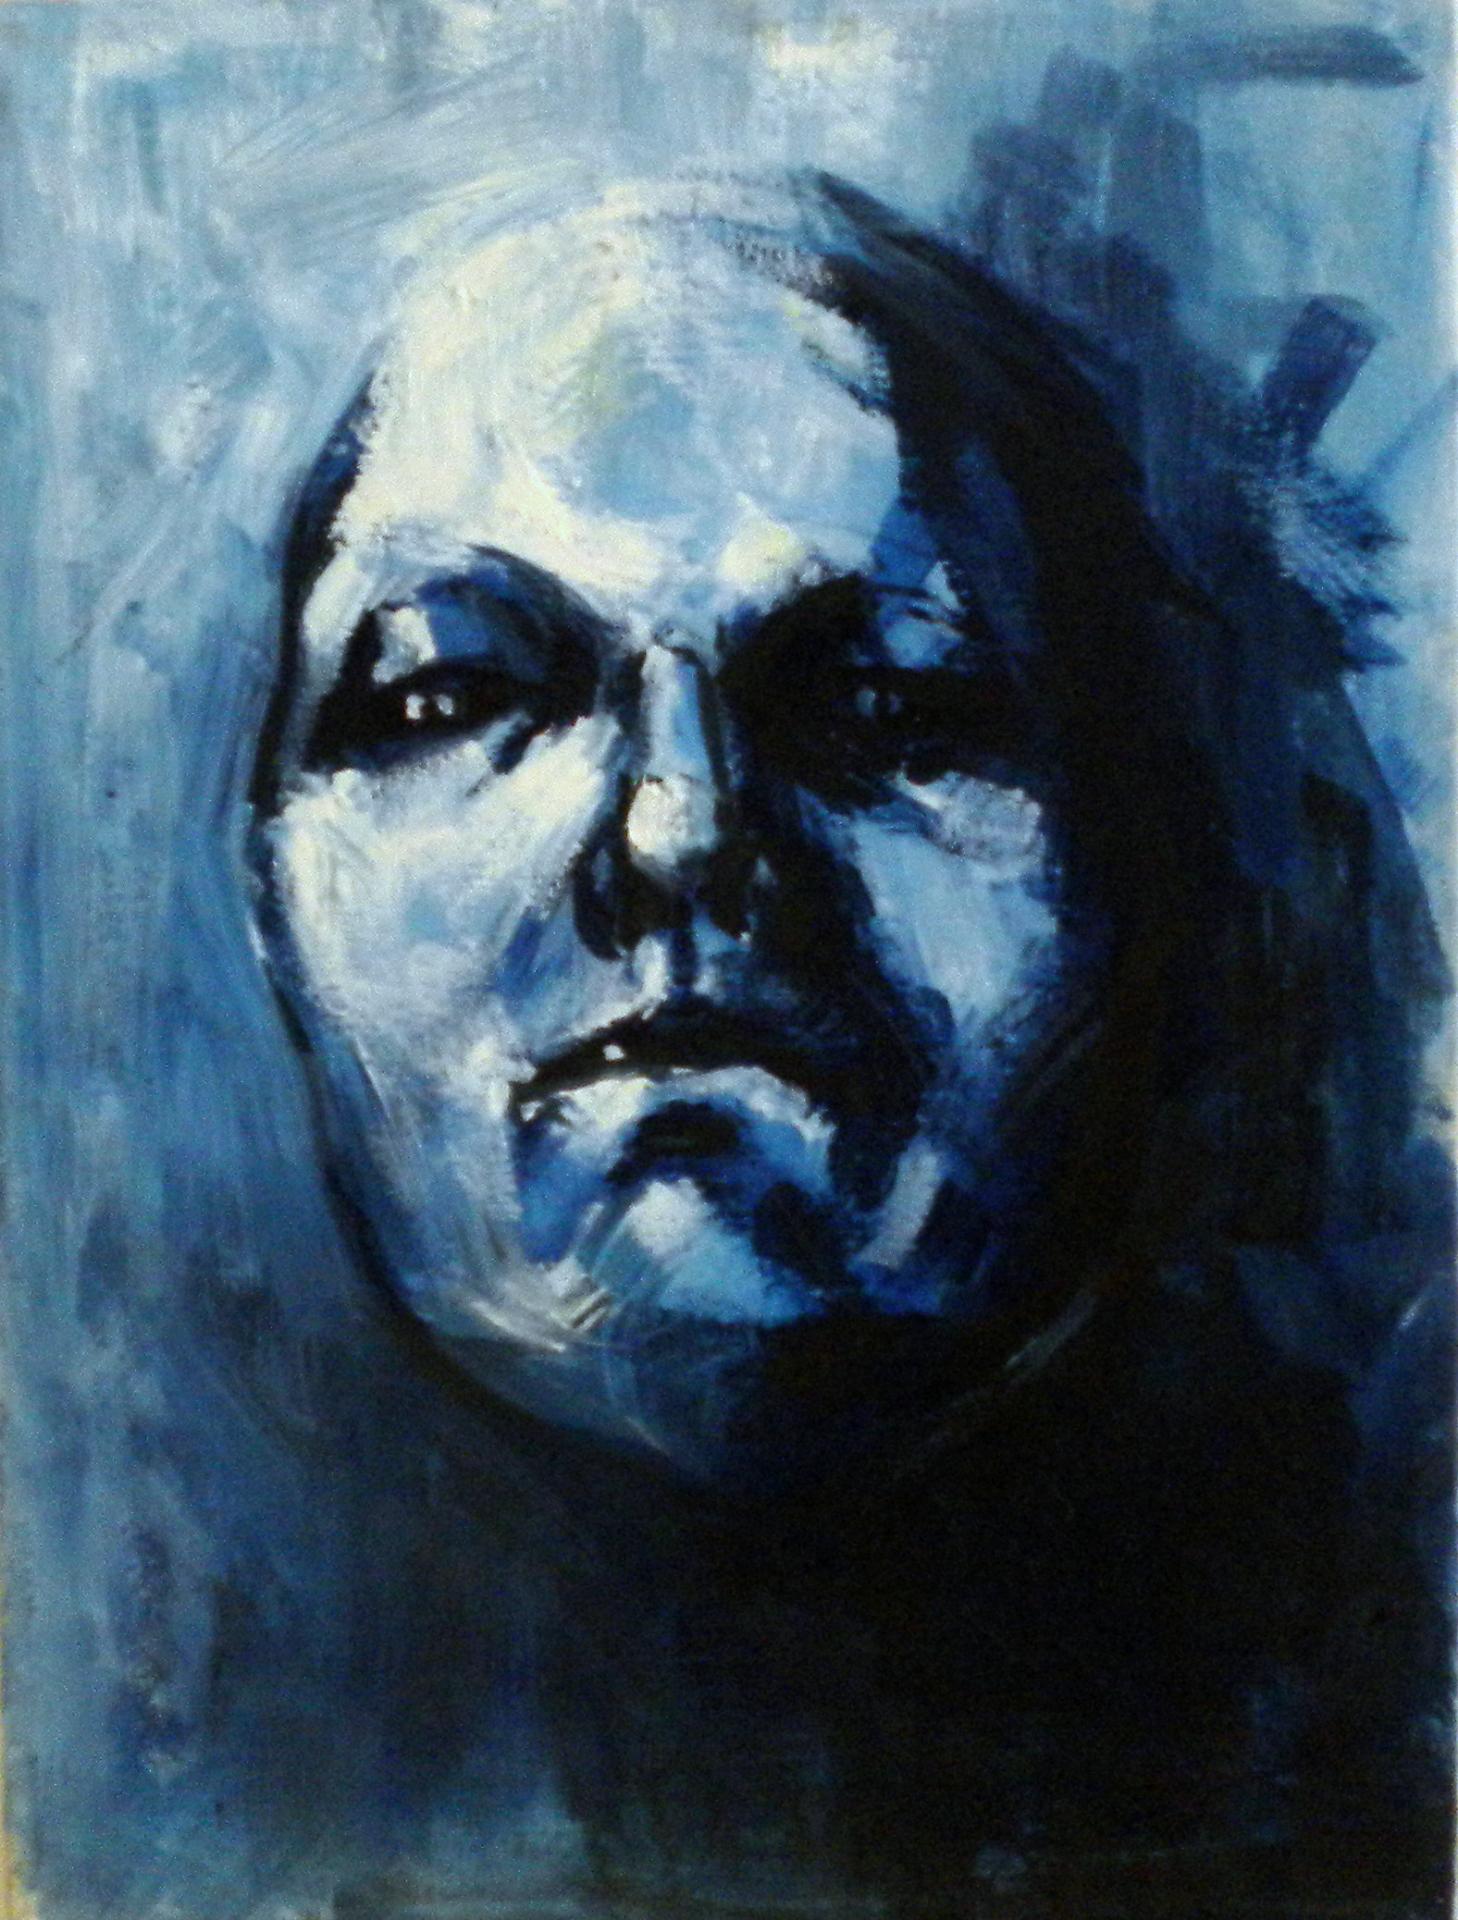 Maschera blu- Blu mask